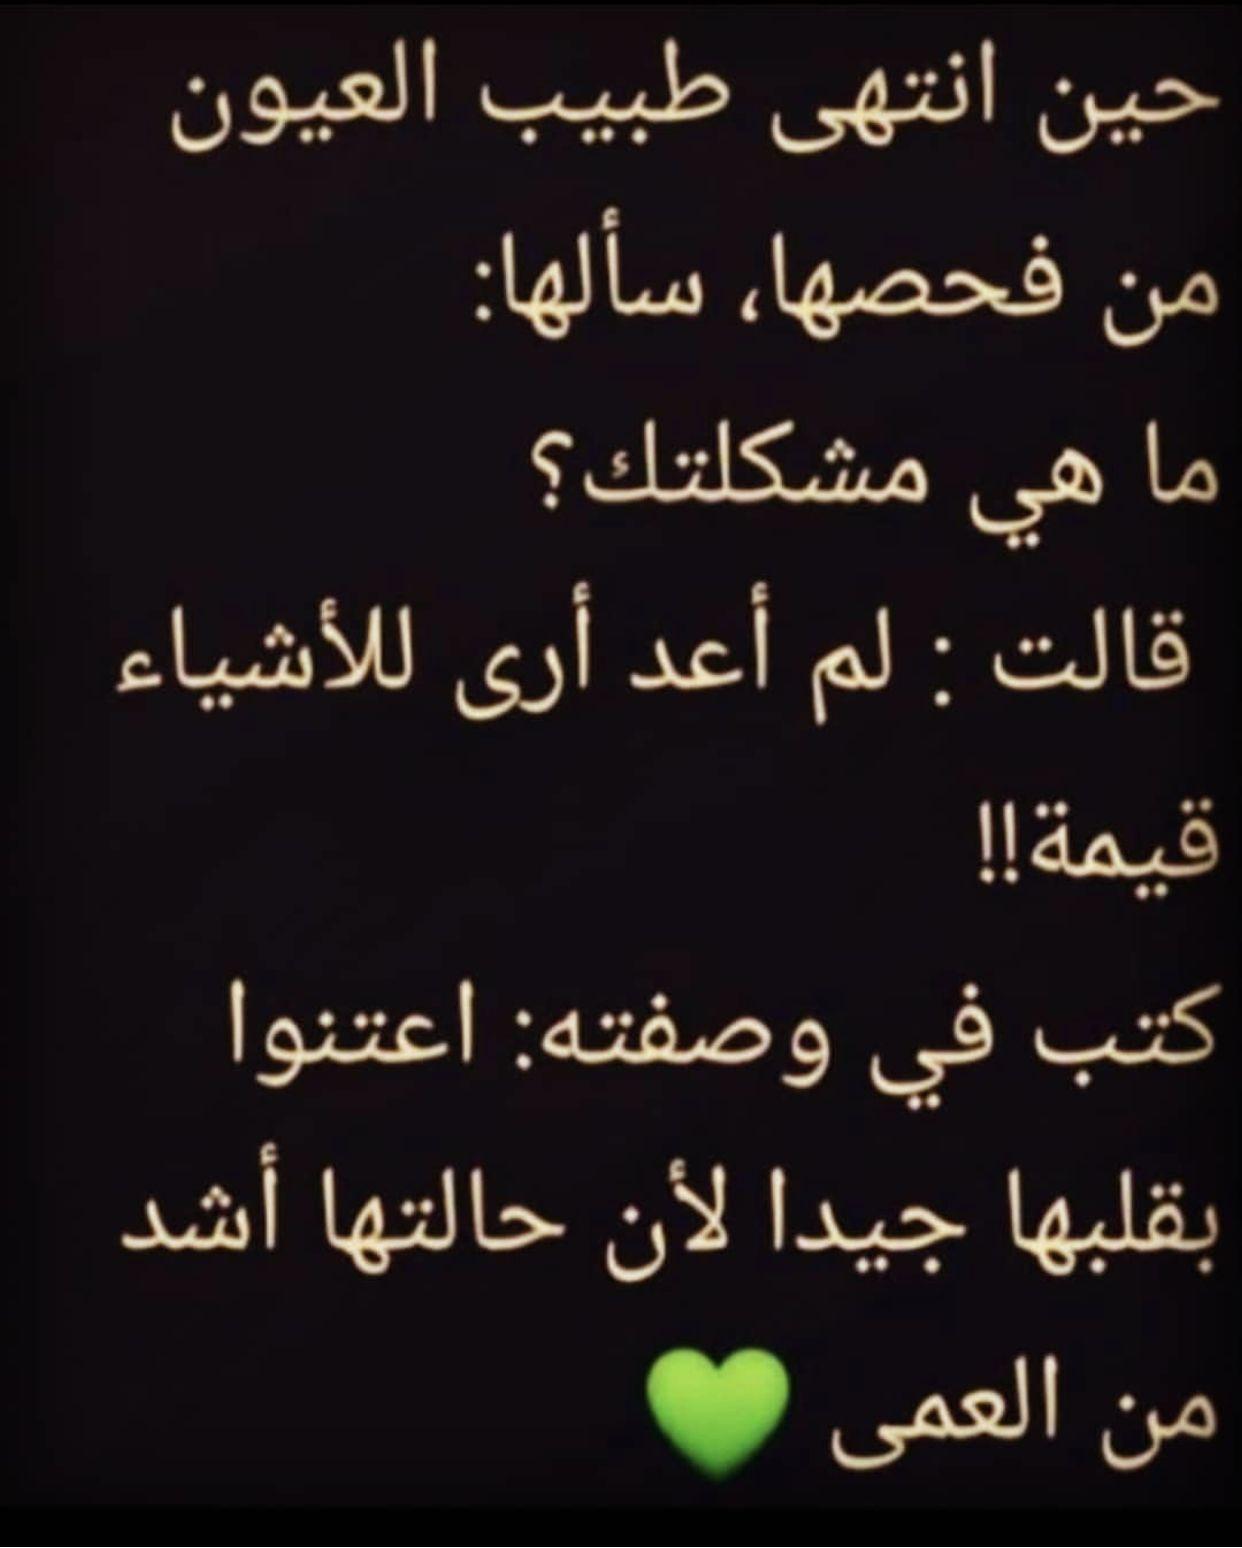 الاهتمام هو الحب ذاته Best Quotes Arabic Words Quotes